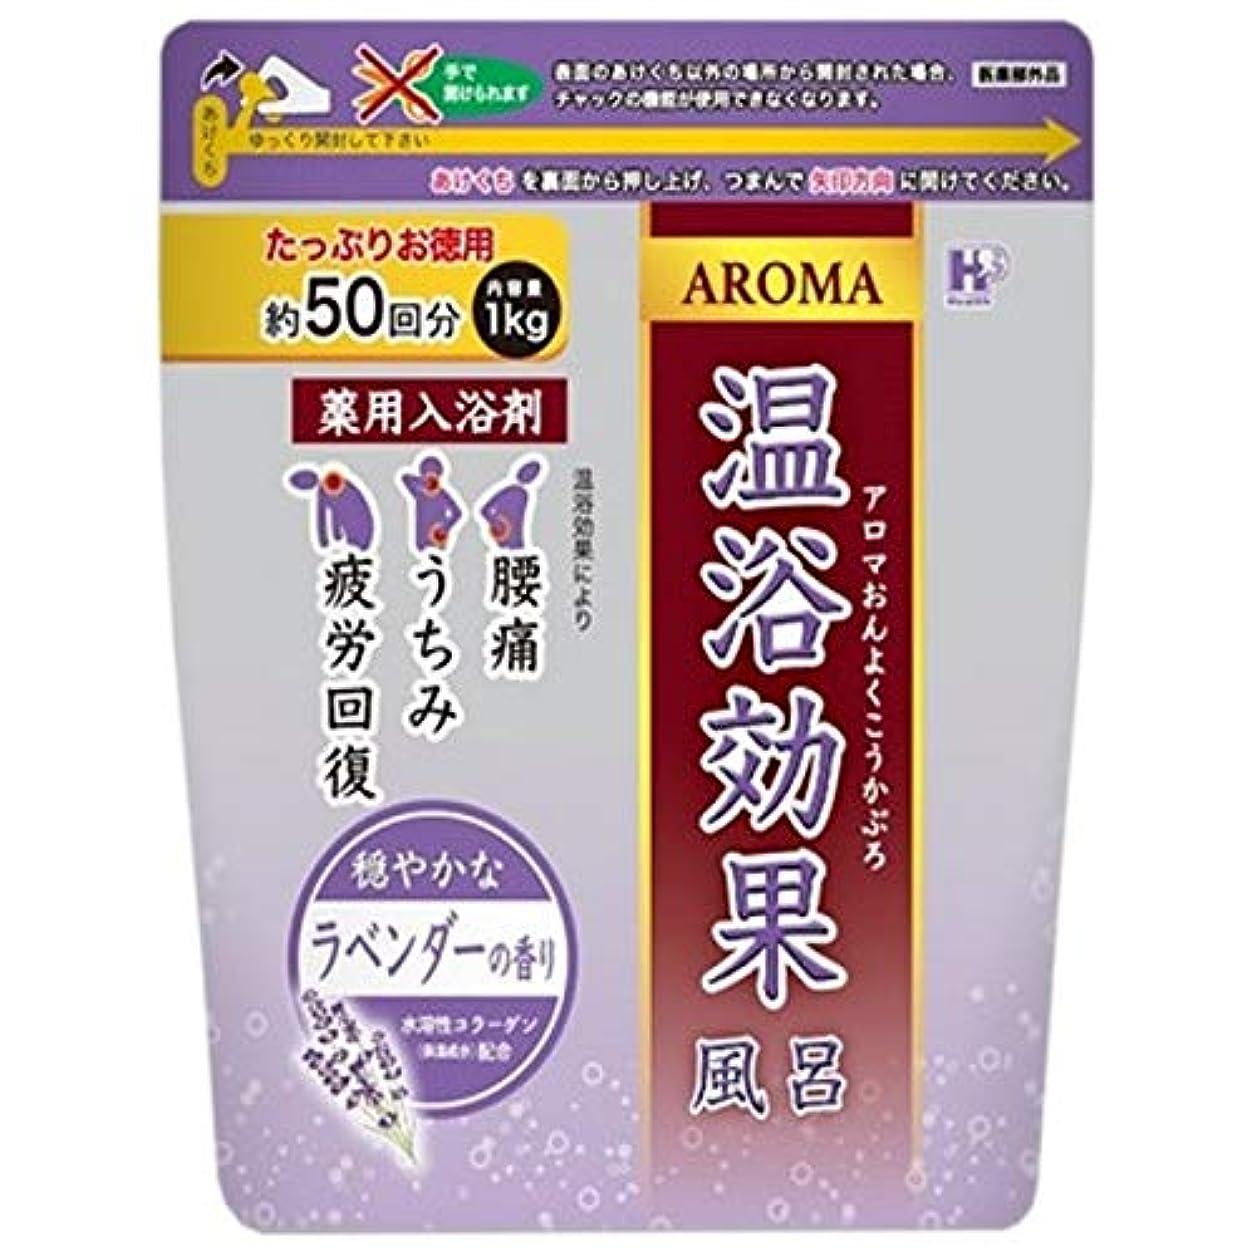 薬用入浴剤 アロマ温浴効果風呂 ラベンダー 1kg×10袋入